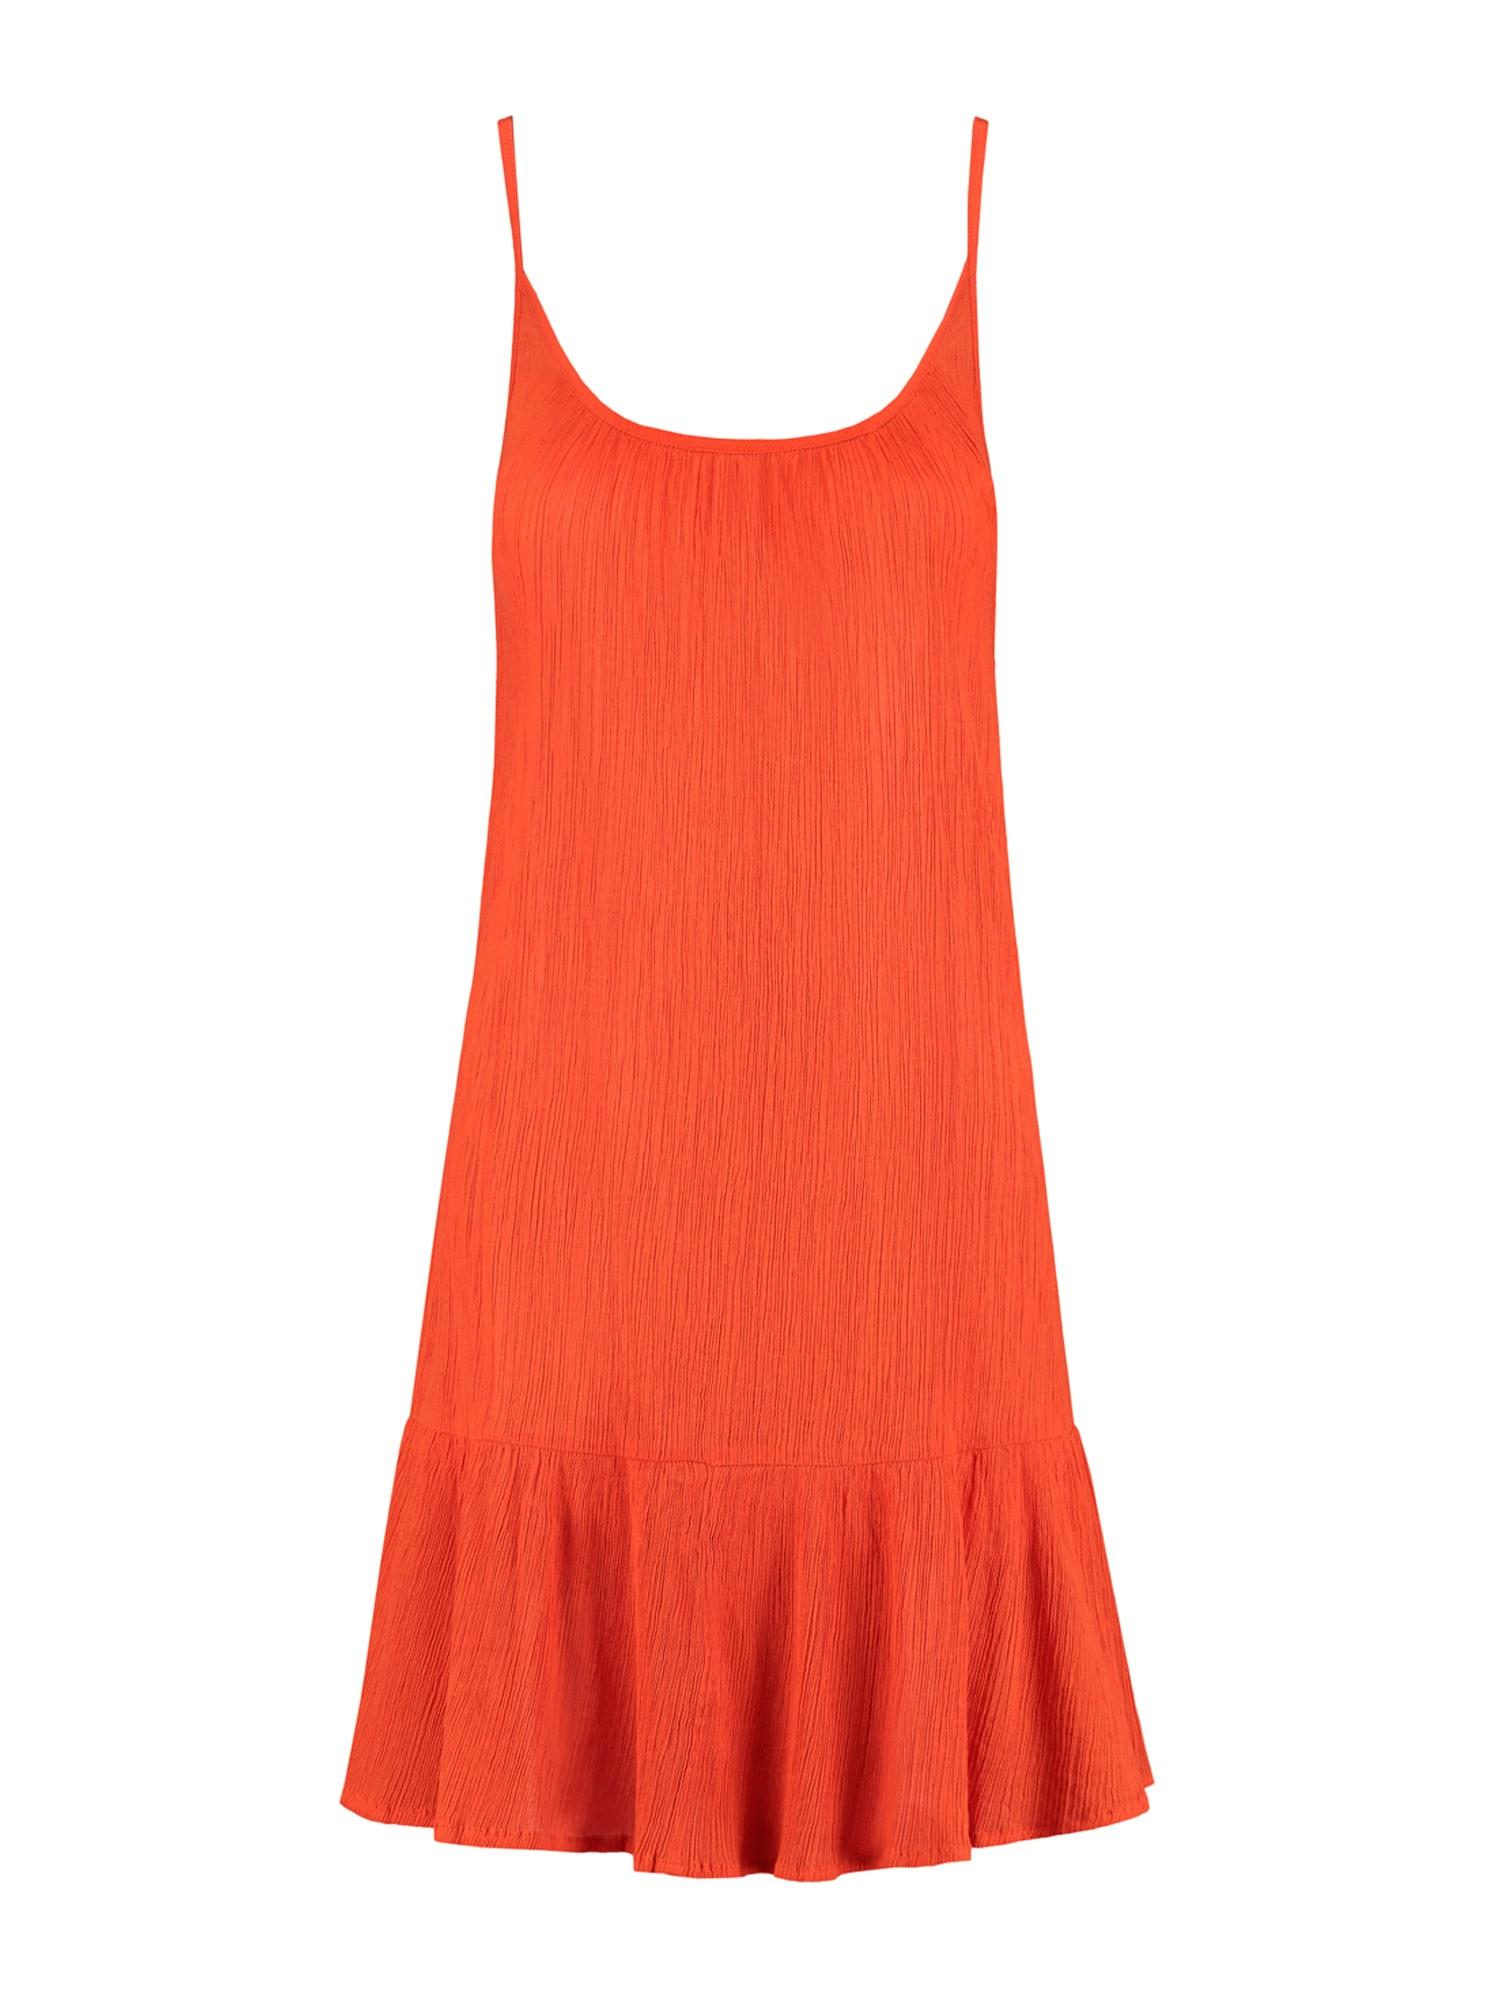 Shiwi Paplūdimio suknelė oranžinė-raudona